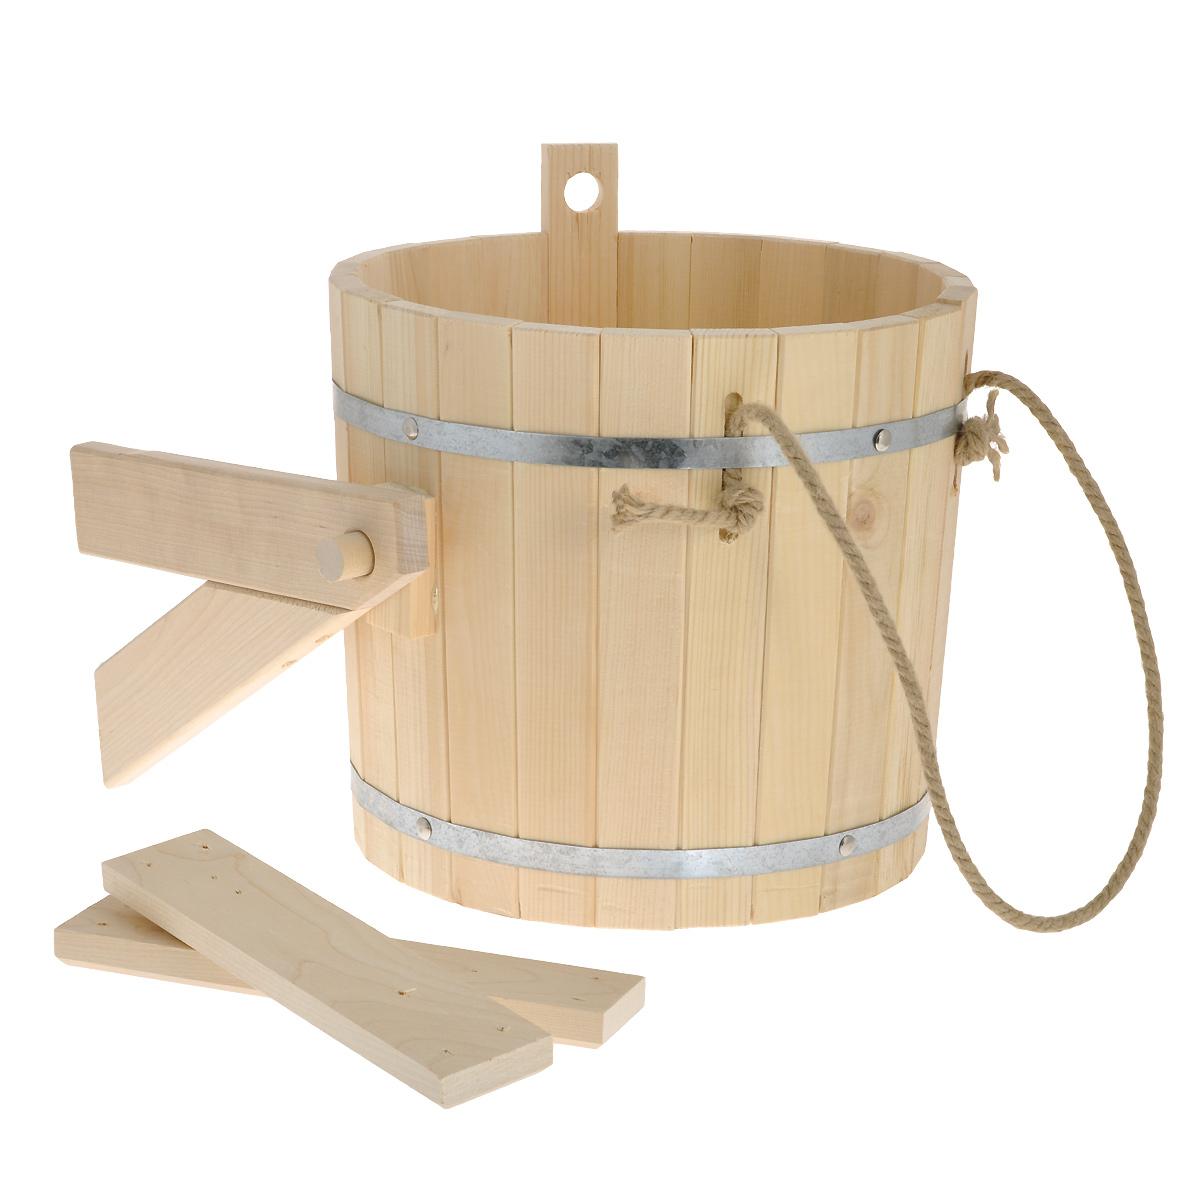 Обливное устройство Доктор баня, 16 лK100Обливное устройство Доктор баня состоит из деревянной емкости, двух кронштейнов и впускного клапана для воды. Обливное устройство изготовлено из деревянных шпунтованный клепок, склеенных между собой водостойким клеем и стянутых двумя обручами из нержавеющей стали. Внутри и снаружи устройство покрыто экологически безопасной мастикой на основе природного воска, который обеспечивает высокую степень защиты древесины от воздействия воды. Обливное устройство может монтироваться как к стенам, так и к потолку помещения. Обливное устройство предназначено для контрастного обливания после высоких температур парной в банях и саунах. Обливные устройства используются как внутри бани, так и снаружи. Рекомендуется периодически проверять прочность узловых соединений и надежность крепления к стене. Характеристики: Материал: дерево (кедр), металл, текстиль. Объем емкости: 16 л. Диаметр емкости: 34 см. Высота стенок емкости: 30 см.